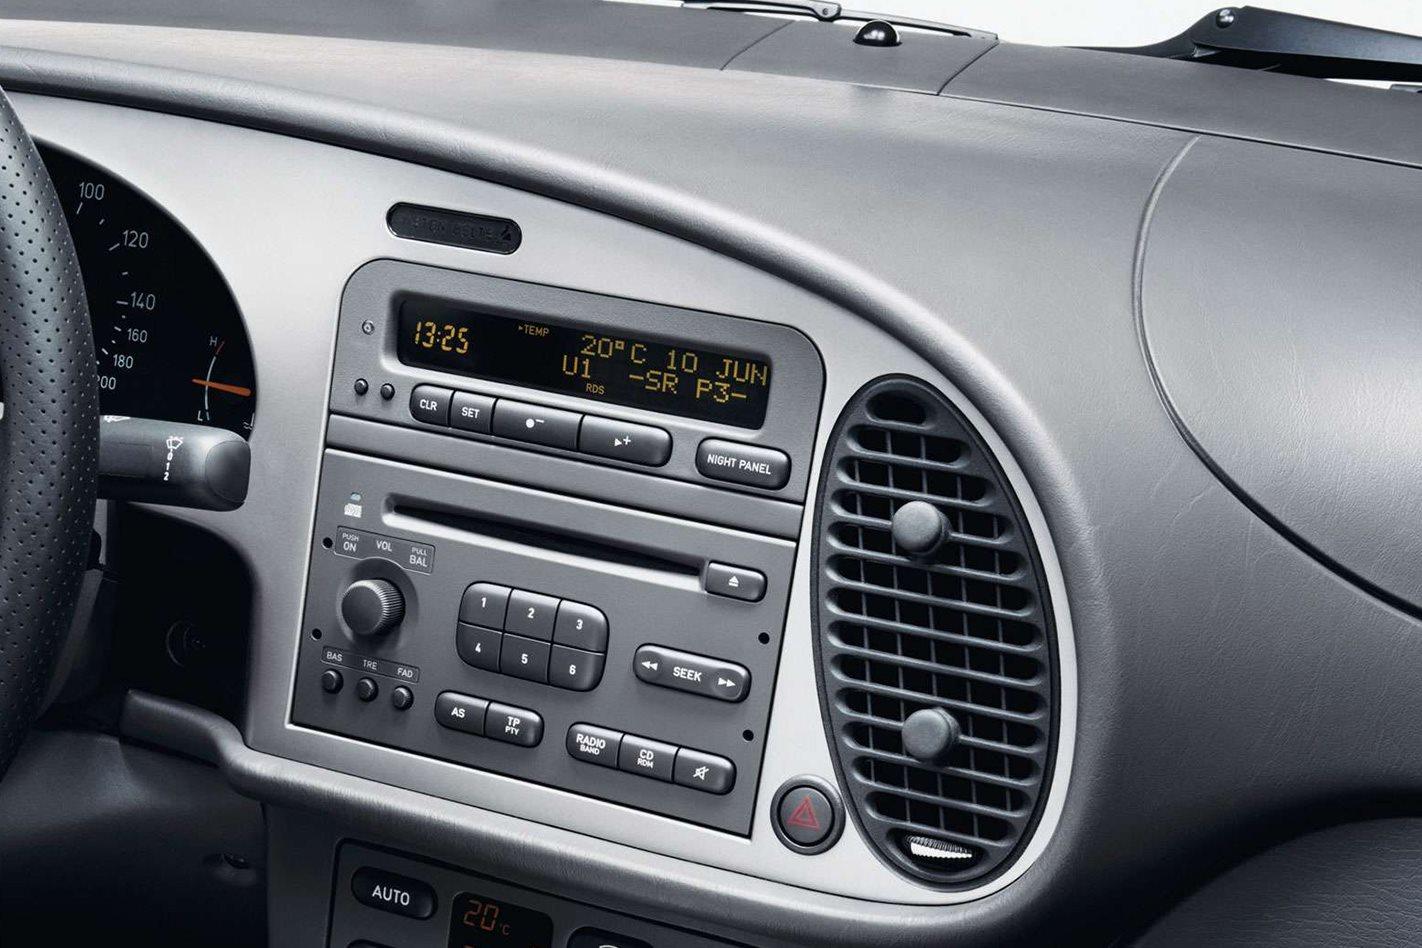 Saab 9-3 Night Panel